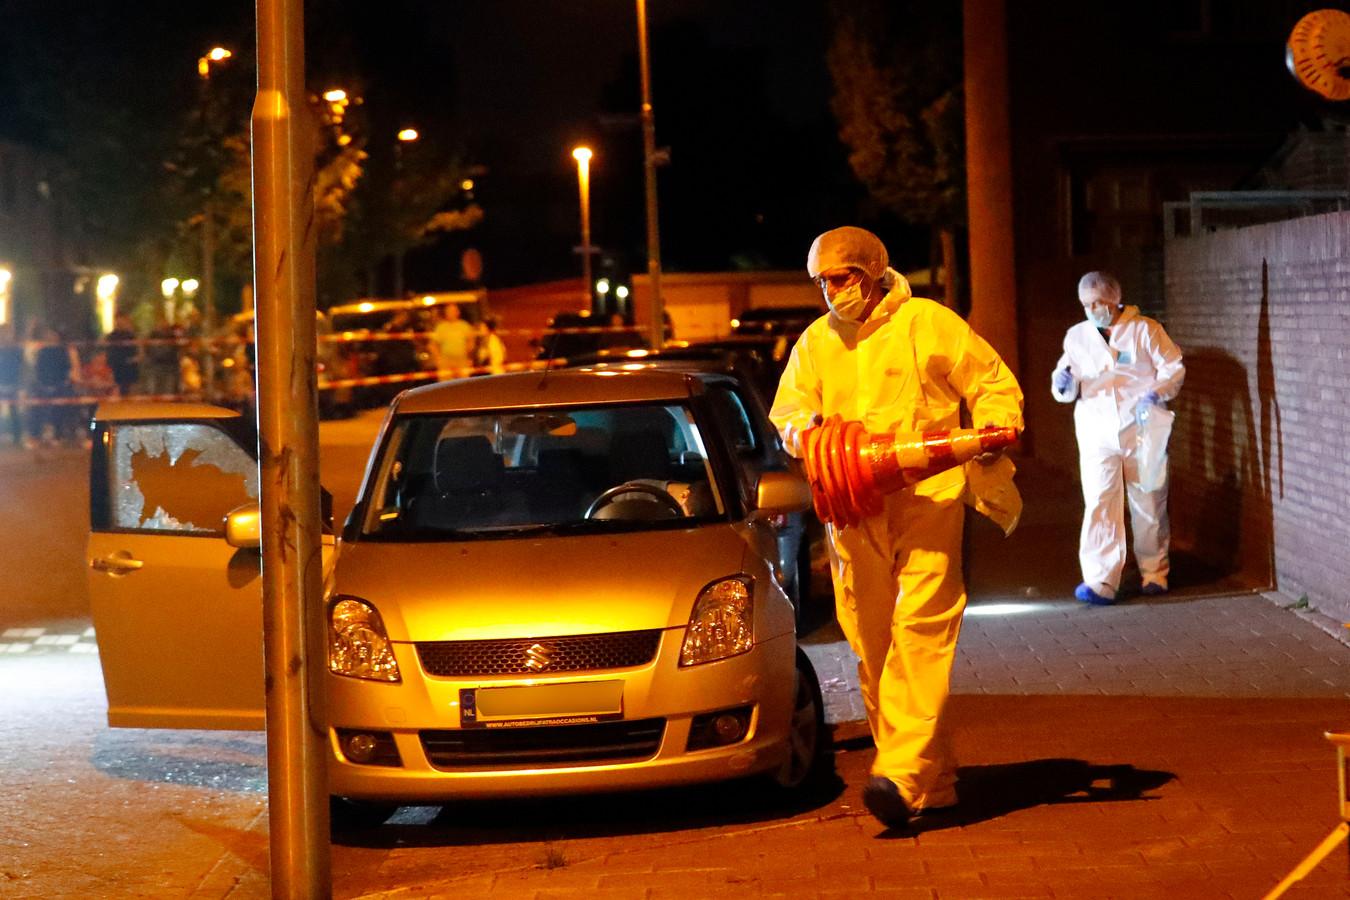 Fouad Rashidi werd achter het stuur van zijn Suzuki doodgeschoten in de Eindhovense Sionstraat. De schutter stond naast de wagen en schoot vijf keer door de ruit heen.